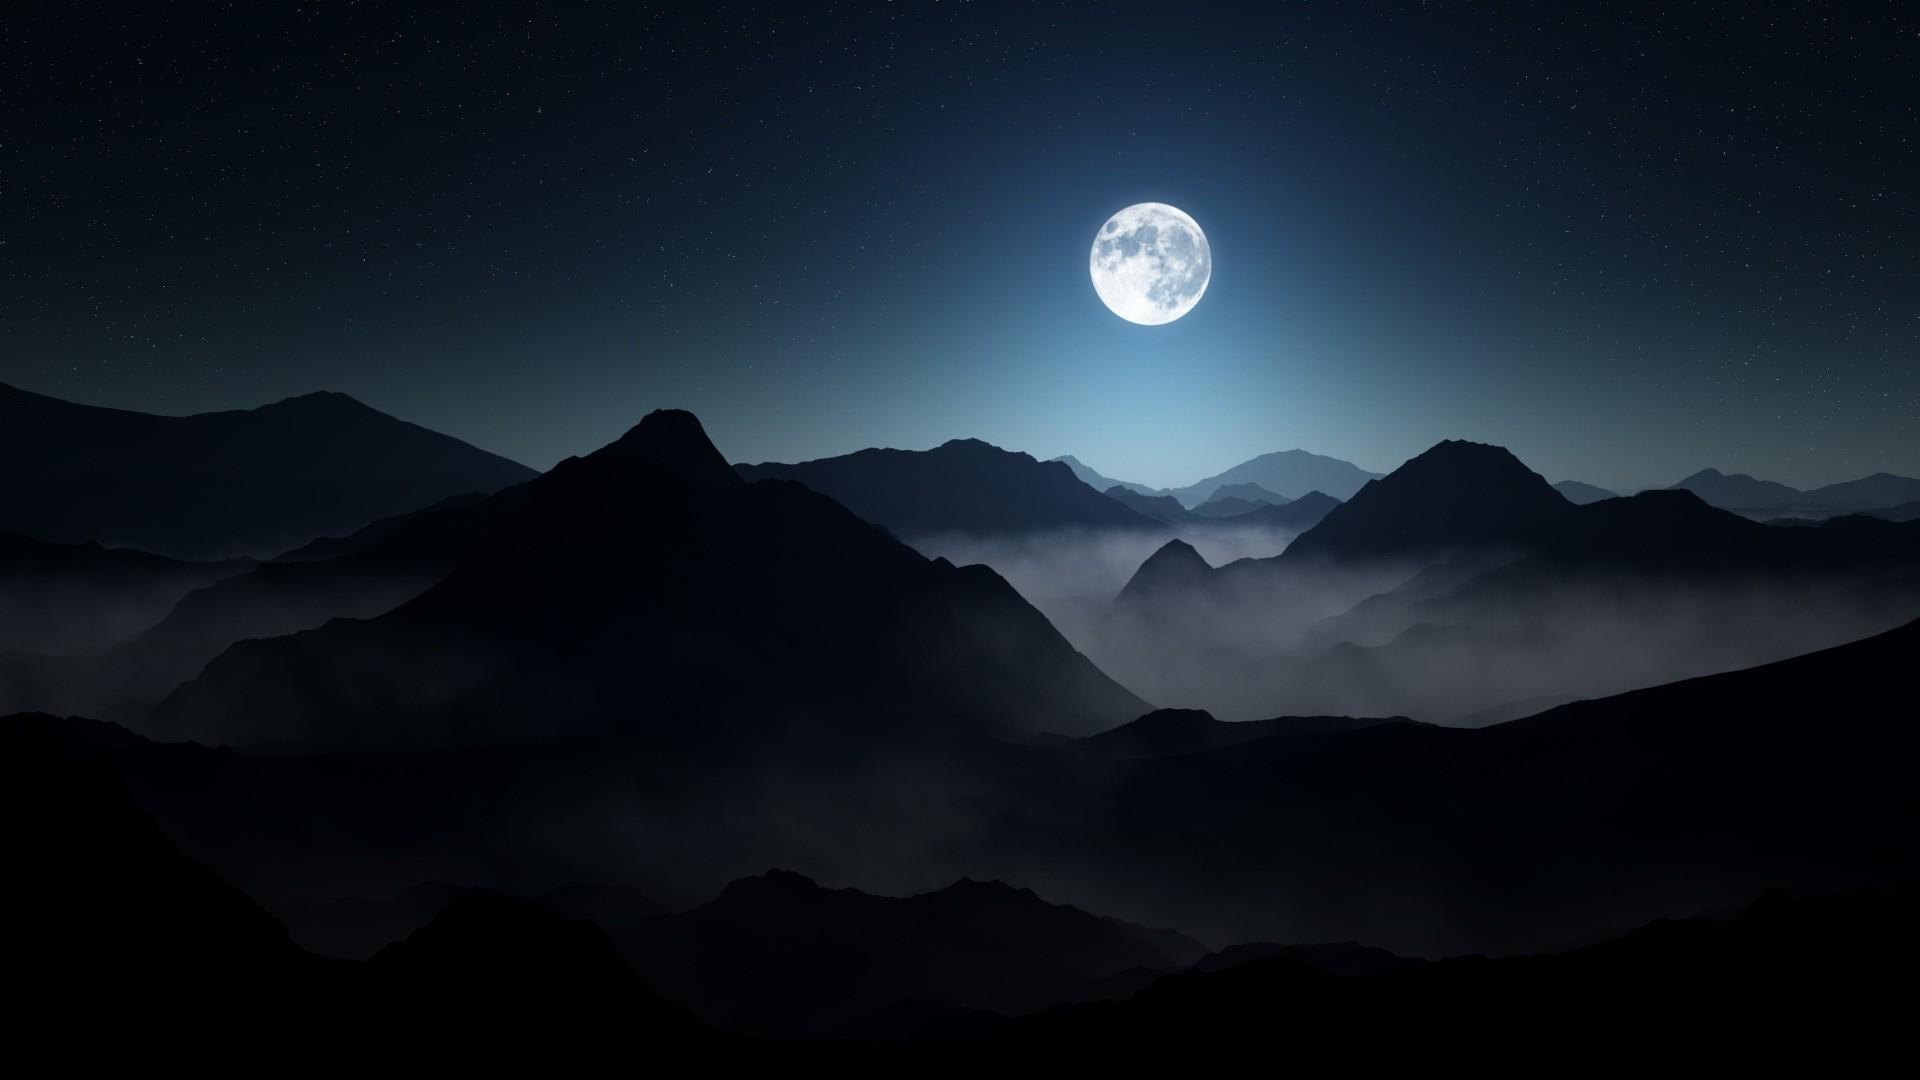 wallpaper 1920x1080 px dark landscape mist moon moonlight